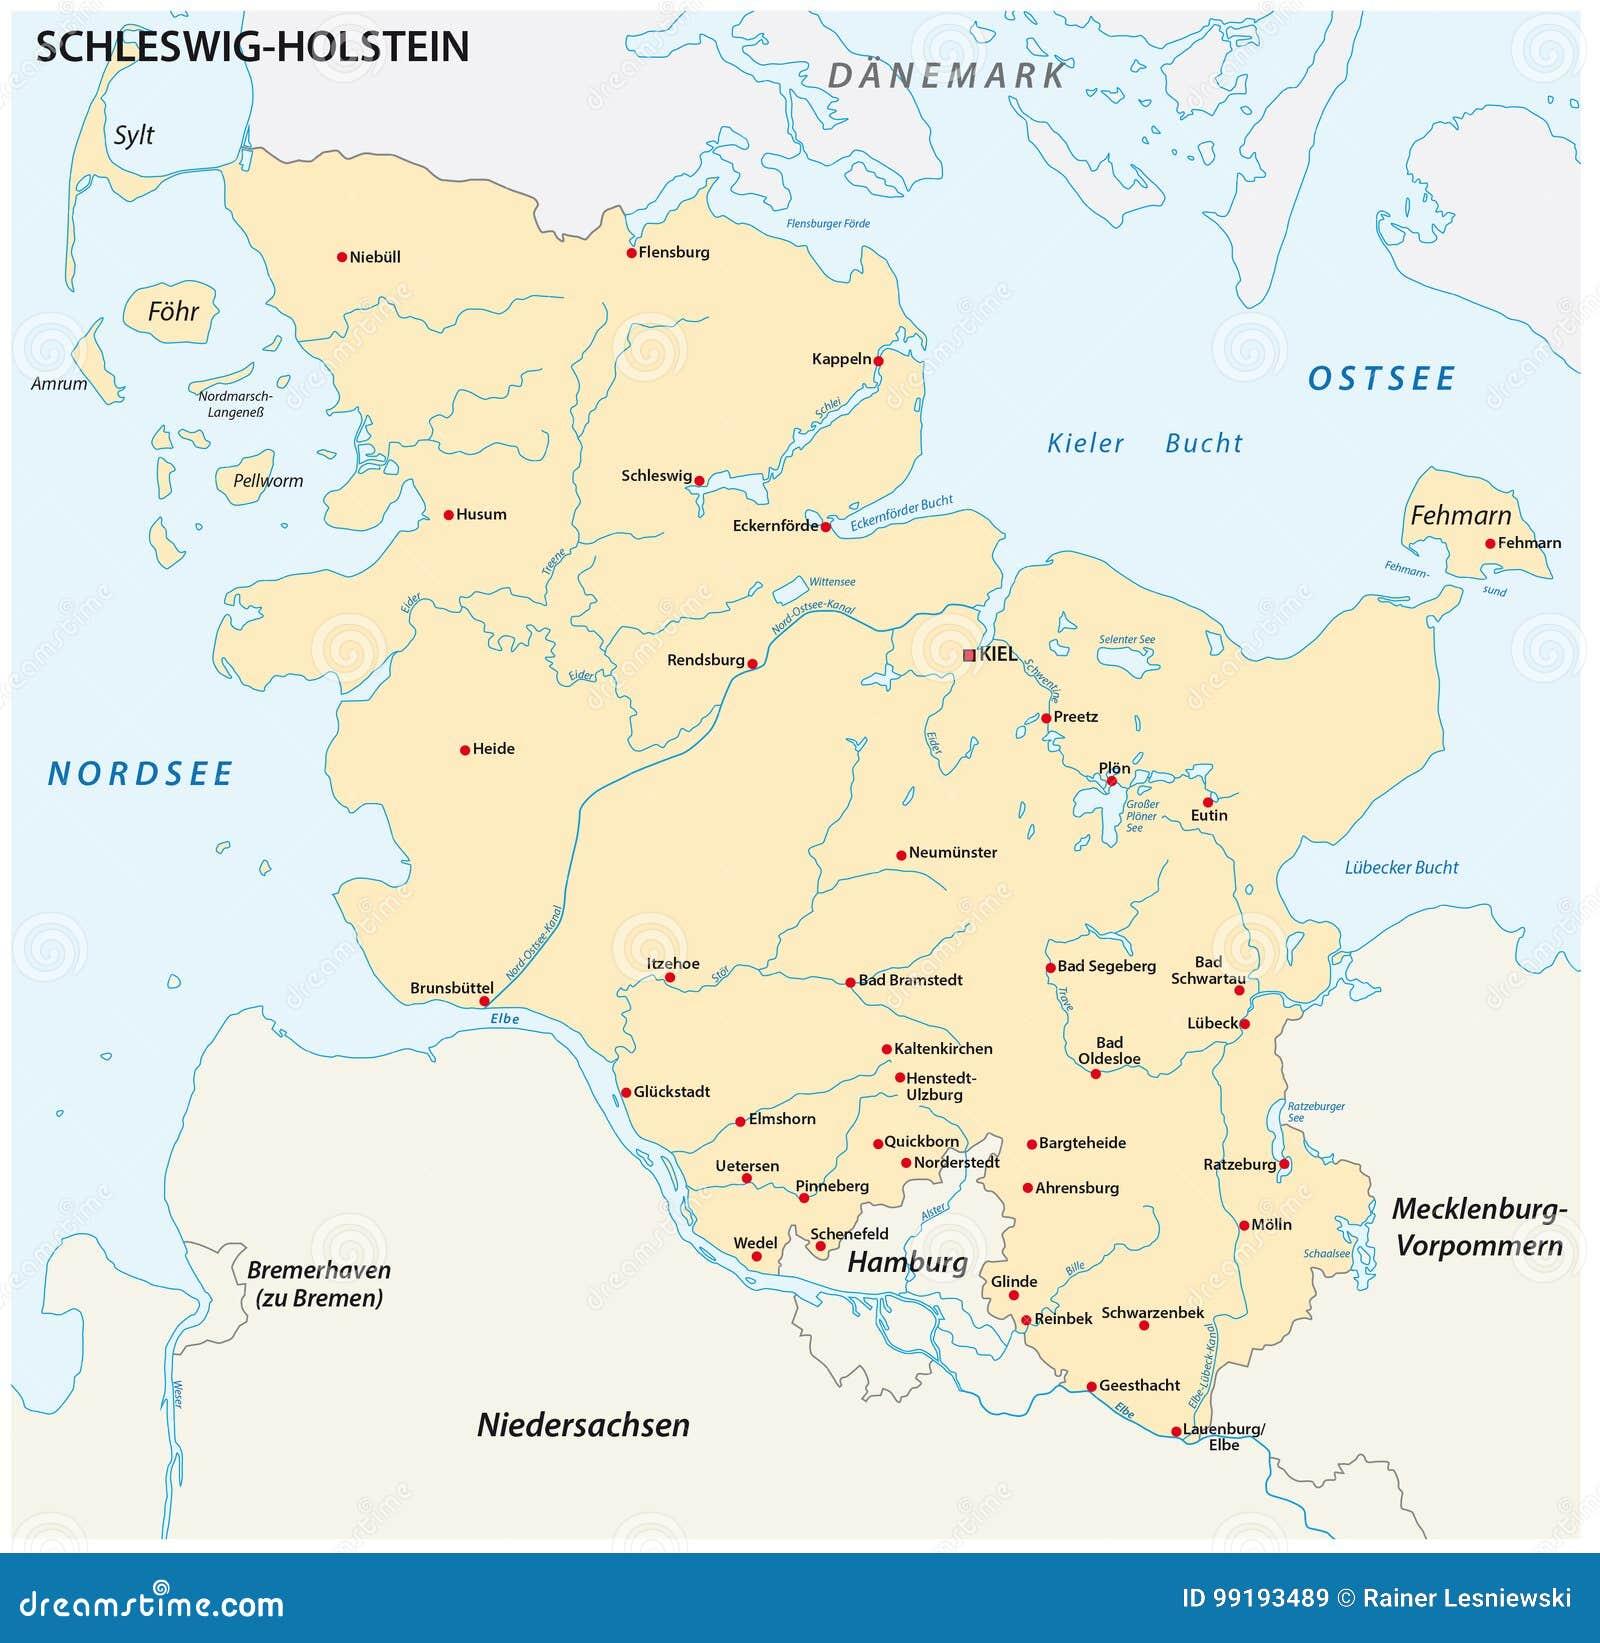 Schleswig Holstein Karte.Karte Des Zustandes Schleswig Holstein Mit Den Wichtigsten Städten